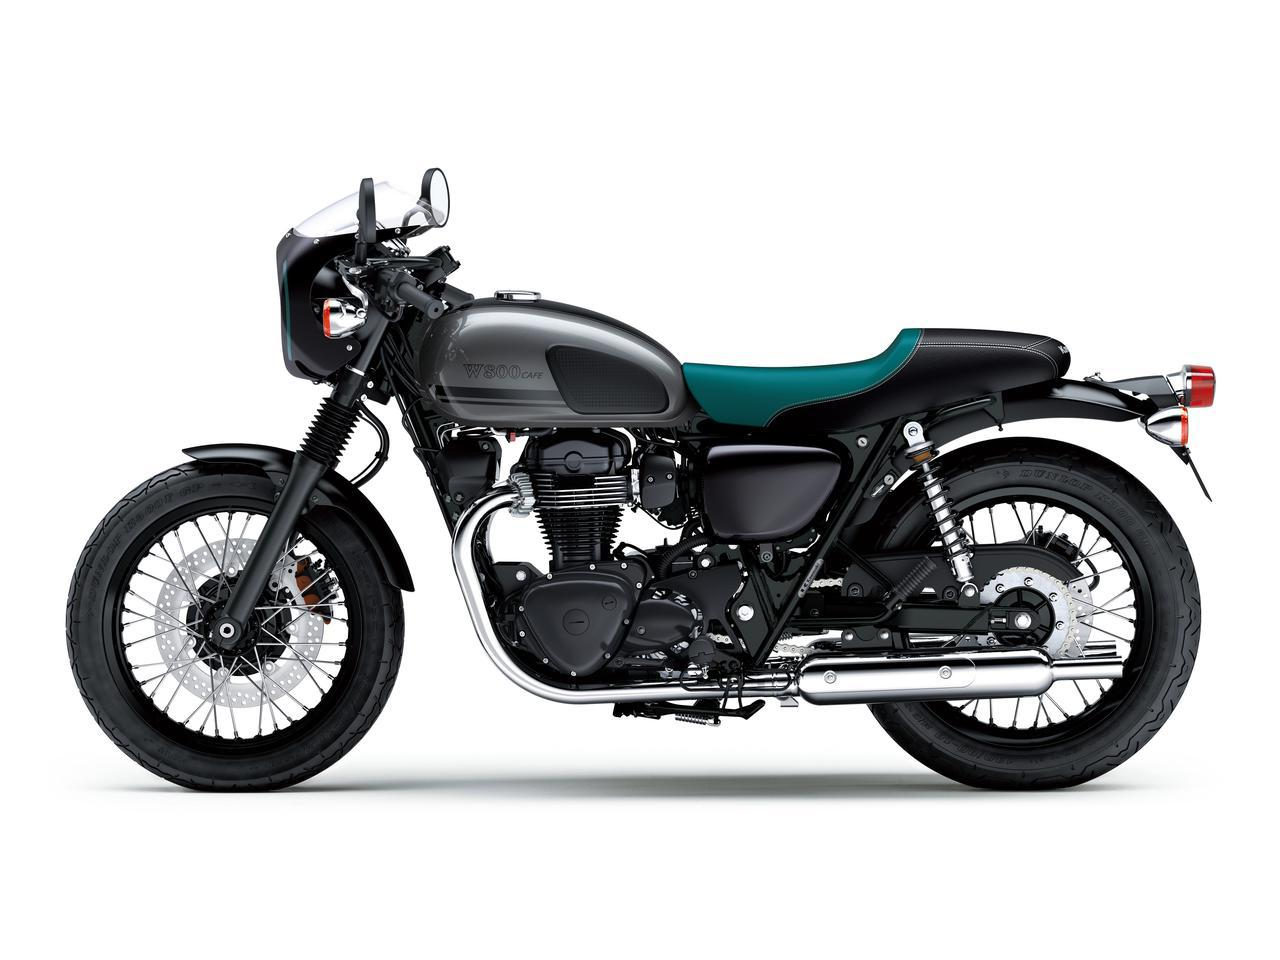 画像14: カワサキが「W800」シリーズの2021年モデルを発売! W800/W800ストリート/W800カフェの新色をチェック!